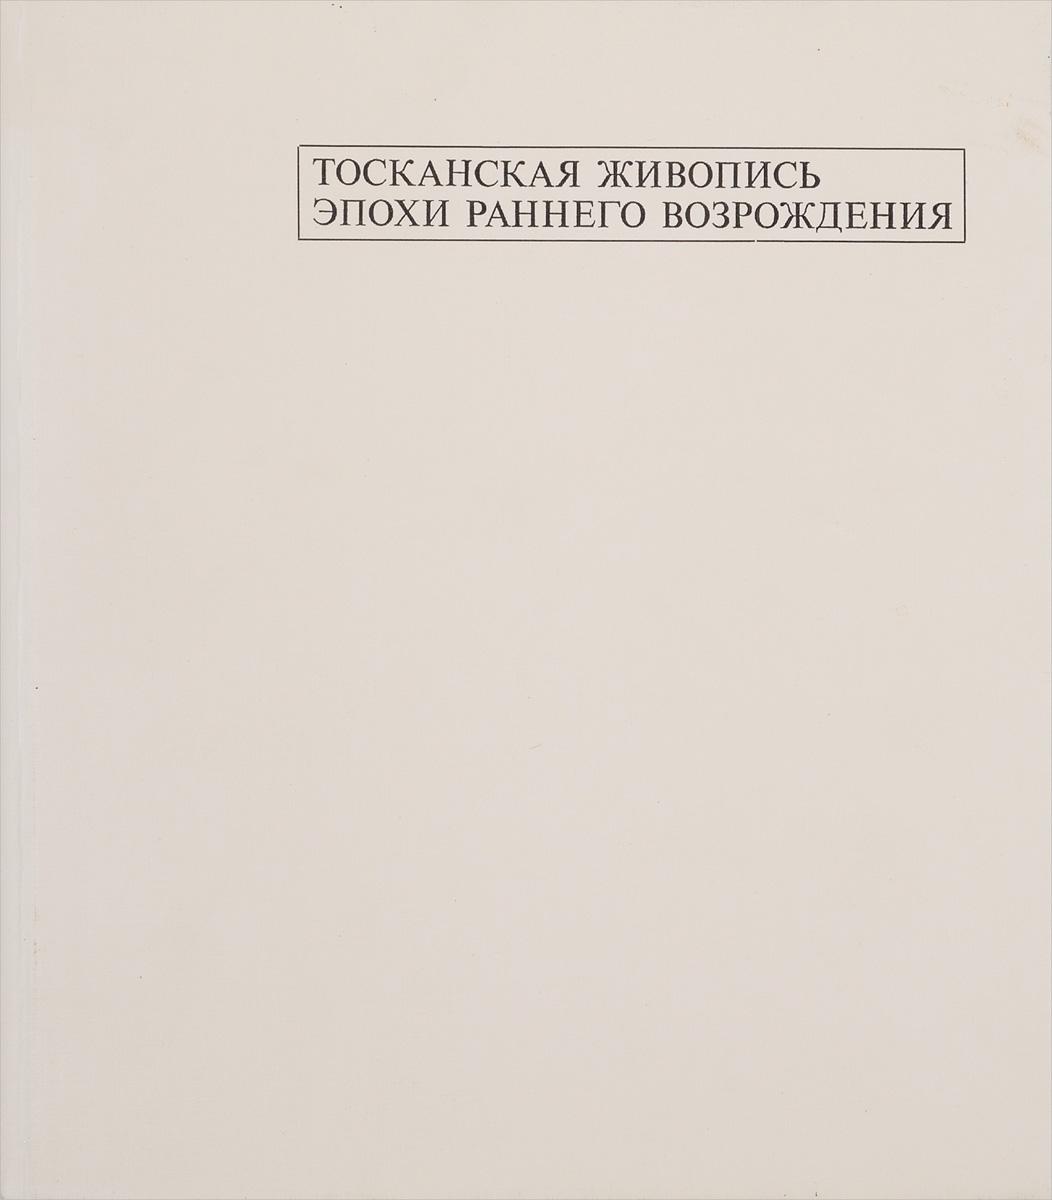 Миклош Бошкович Тосканская живопись эпохи раннего Возрождения с д артамонов литература эпохи возрождения